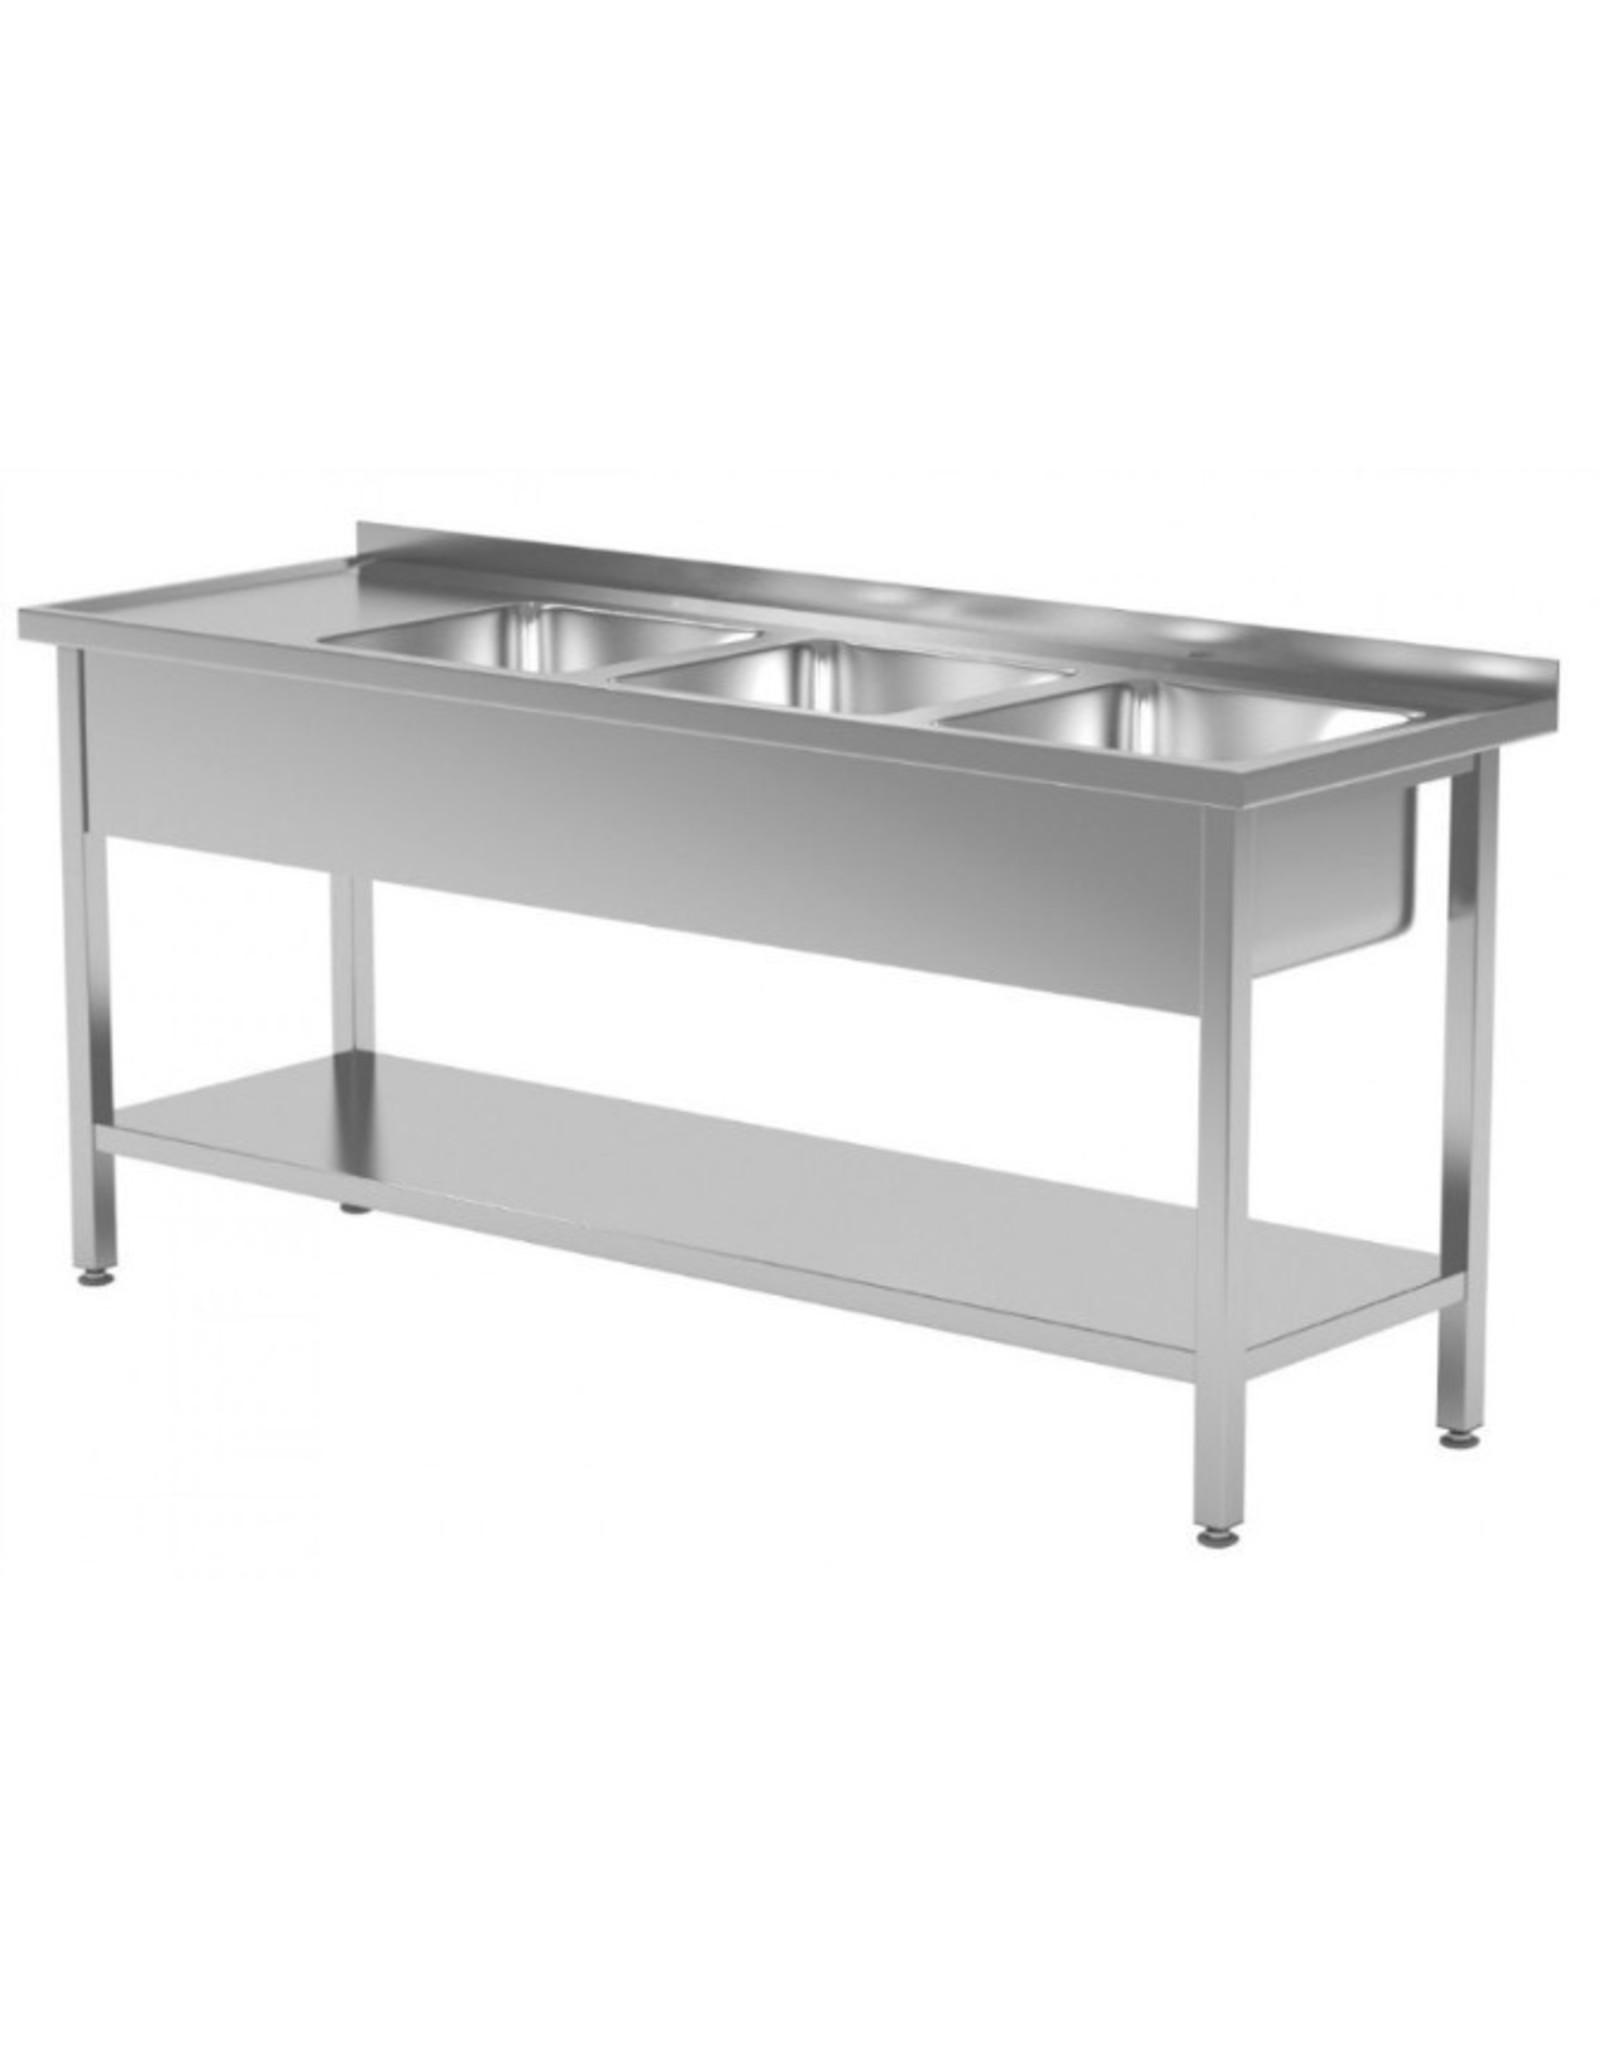 Spoeltafel | met onderplank | 3 spoelbakken rechts | 1500-1900mm breed | 600 of 700mm diep